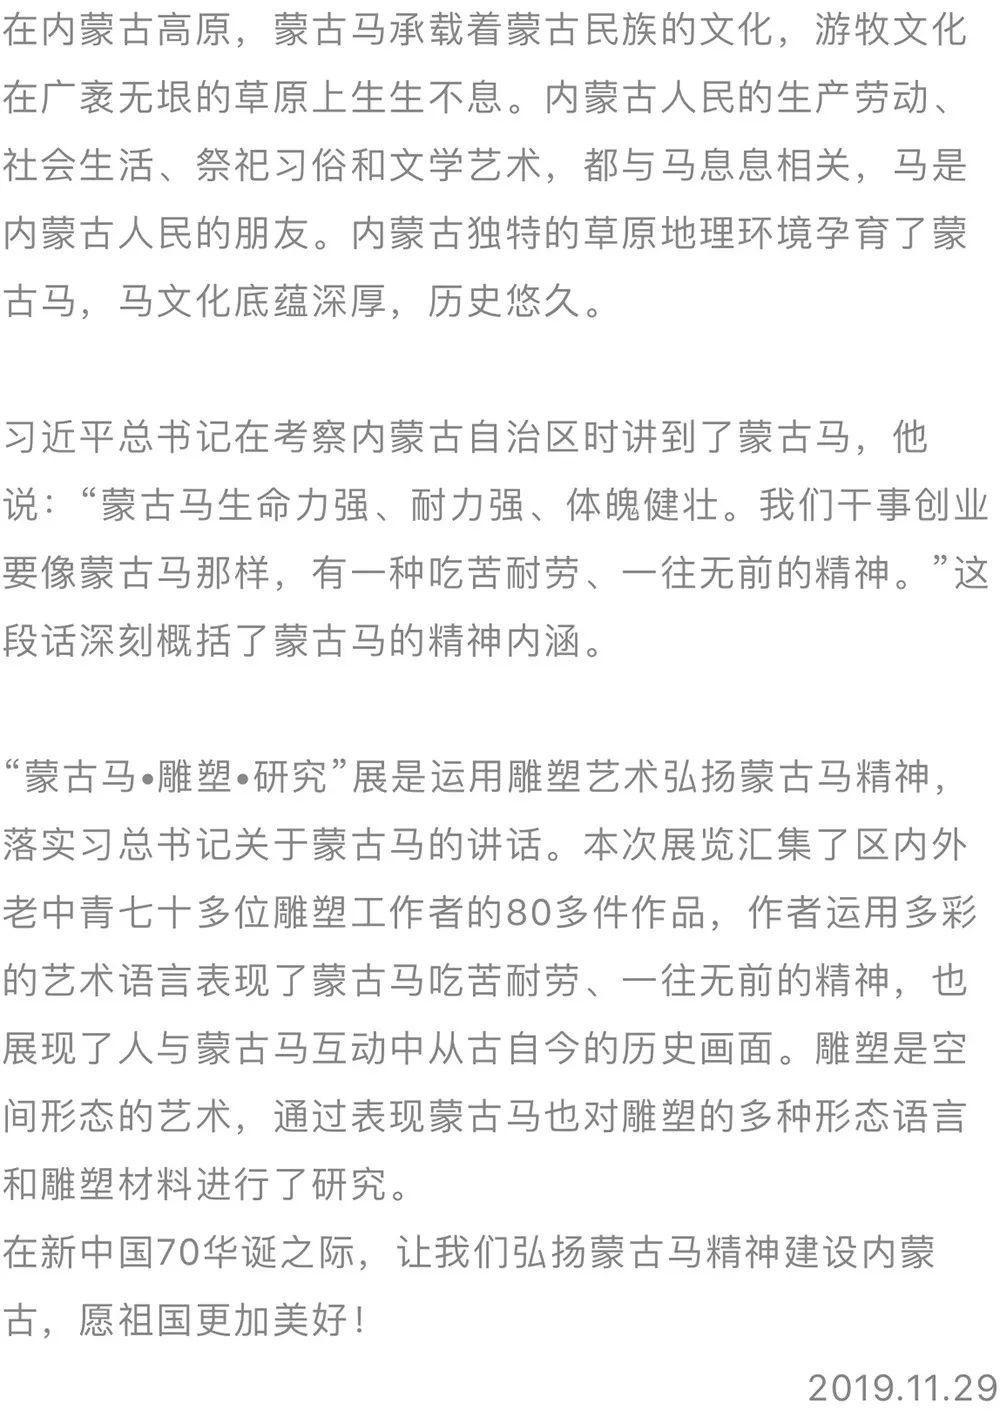 """【雕塑展览】庆祝中华人民共和国成立70周年""""蒙古马·雕塑·研究""""展 第5张 【雕塑展览】庆祝中华人民共和国成立70周年""""蒙古马·雕塑·研究""""展 蒙古画廊"""